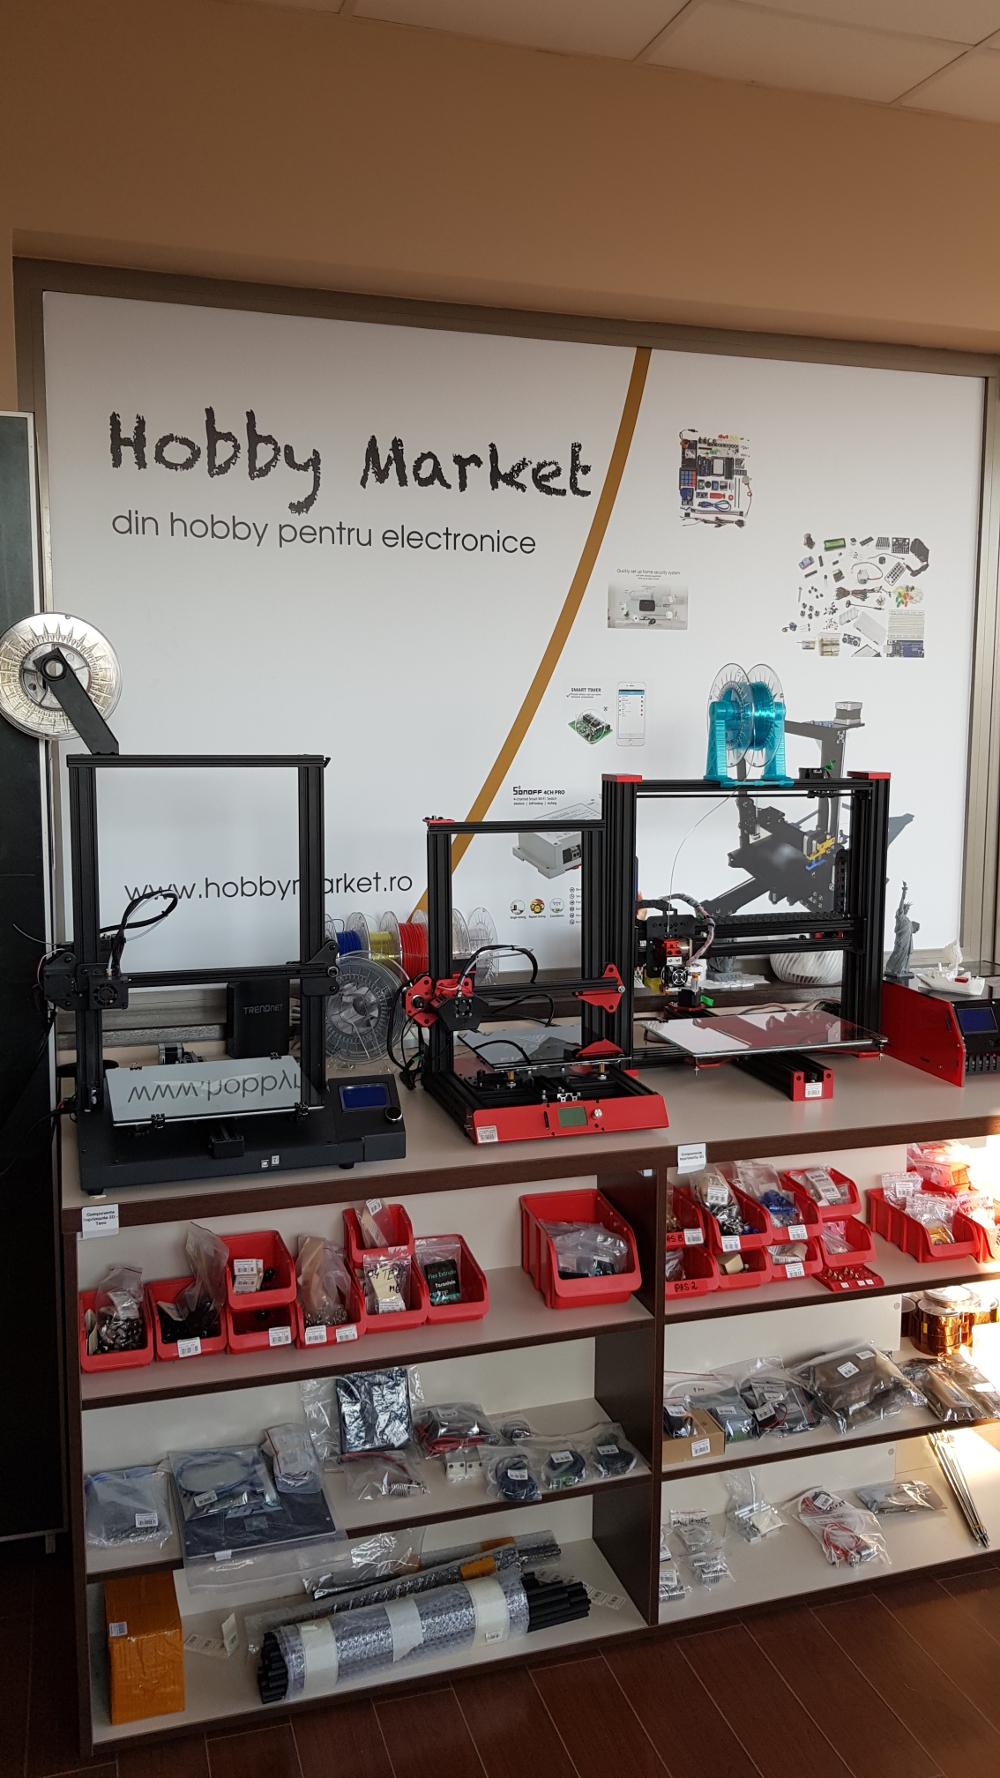 Showroom_Hobbymarket.jpg